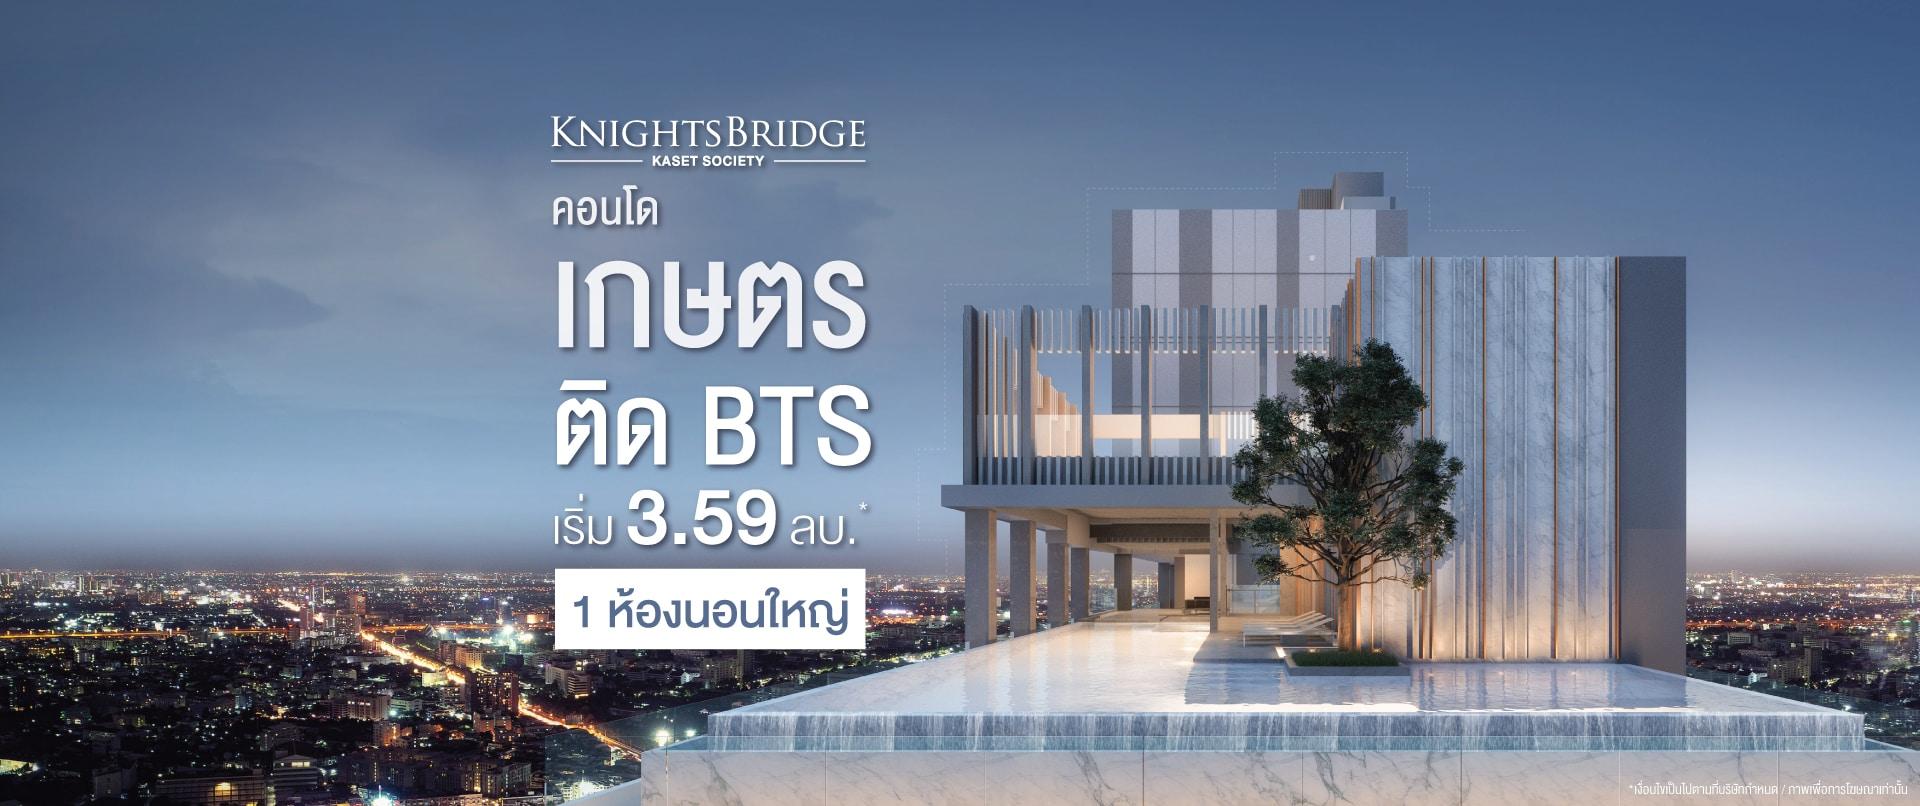 KnightsBridge Kaset - Society